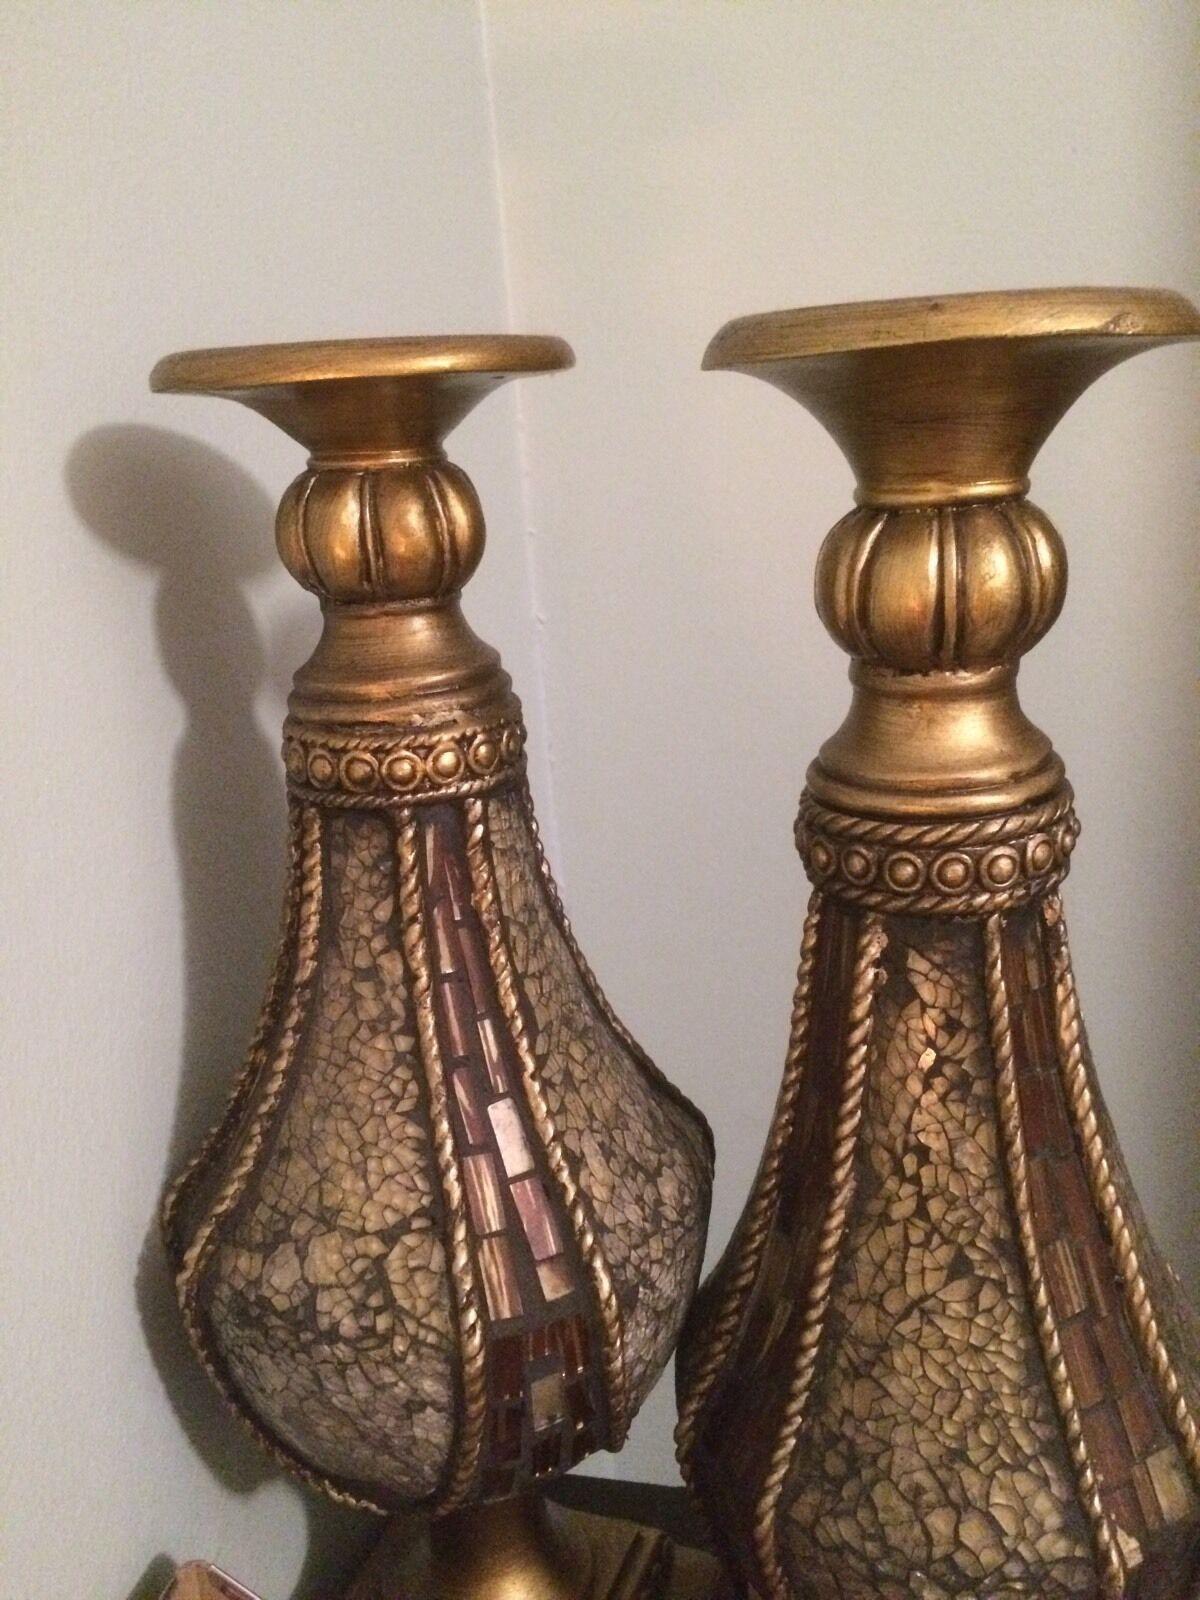 Gran toscano marrón de vidrio de Color ámbar Pilar candelabros Candelabros S 2